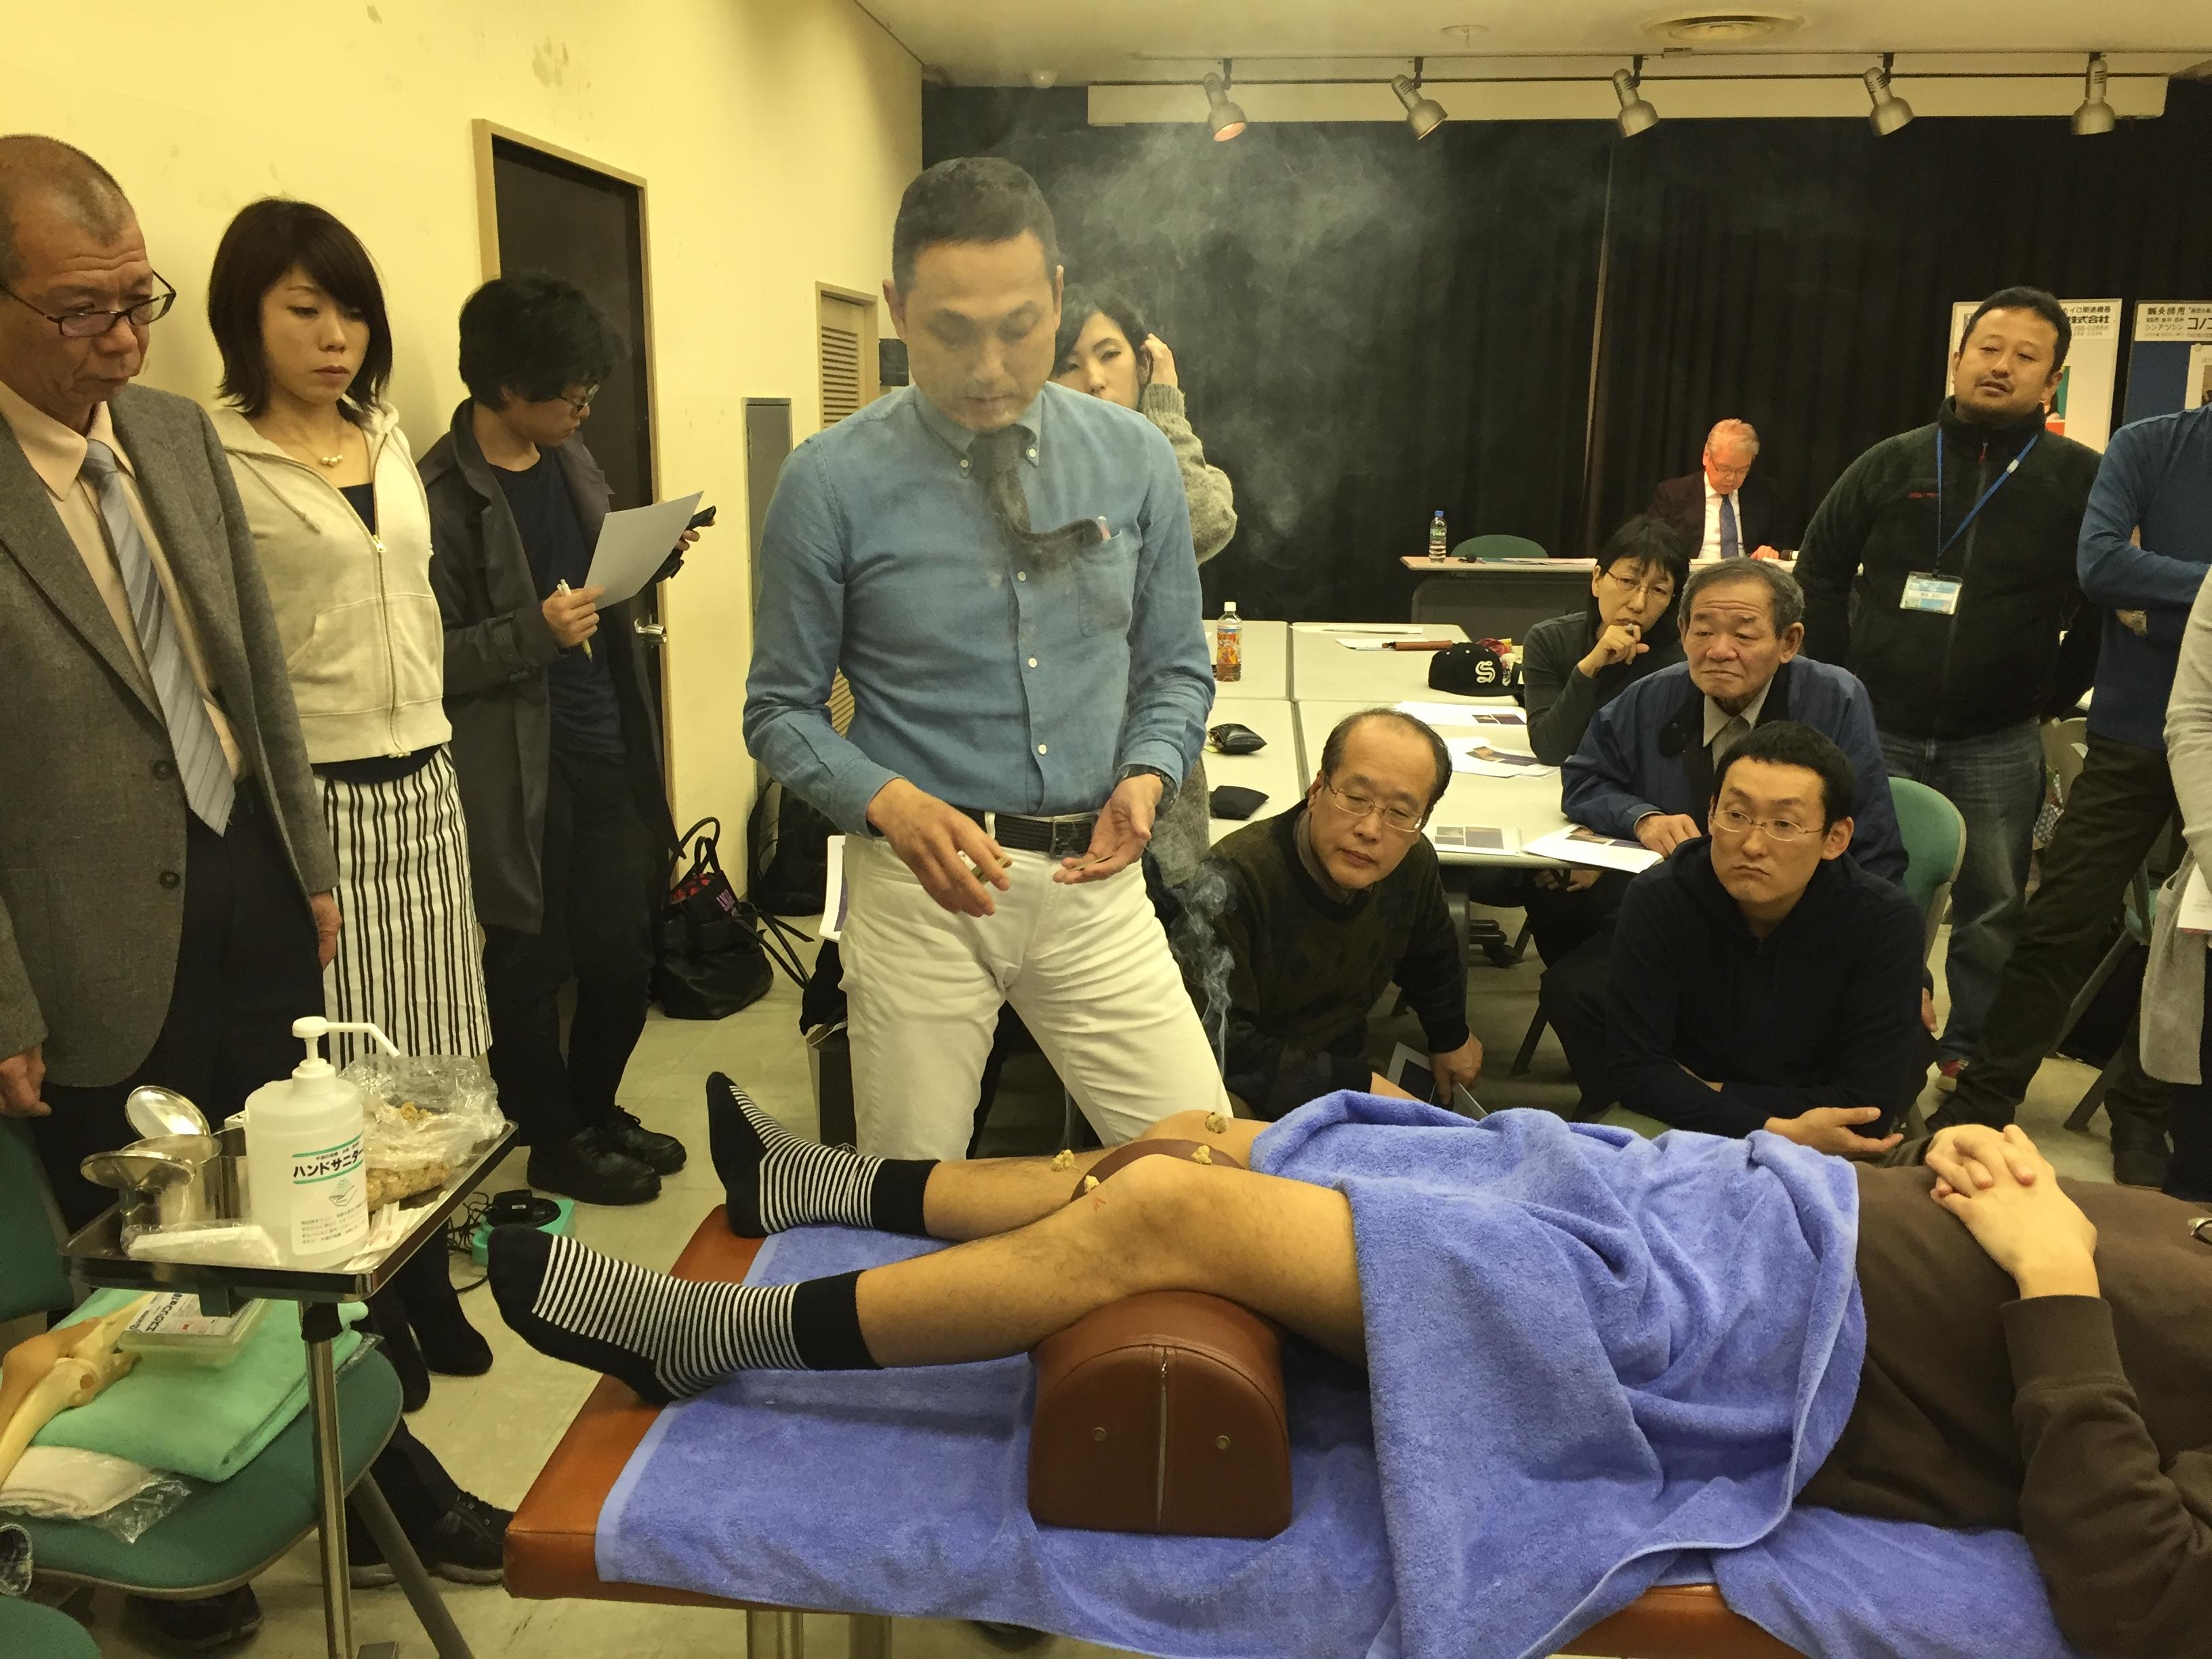 3月24日実施 臨床のコツ:「変形性膝関節症に対する灸頭鍼と運動指導」三浦 洋